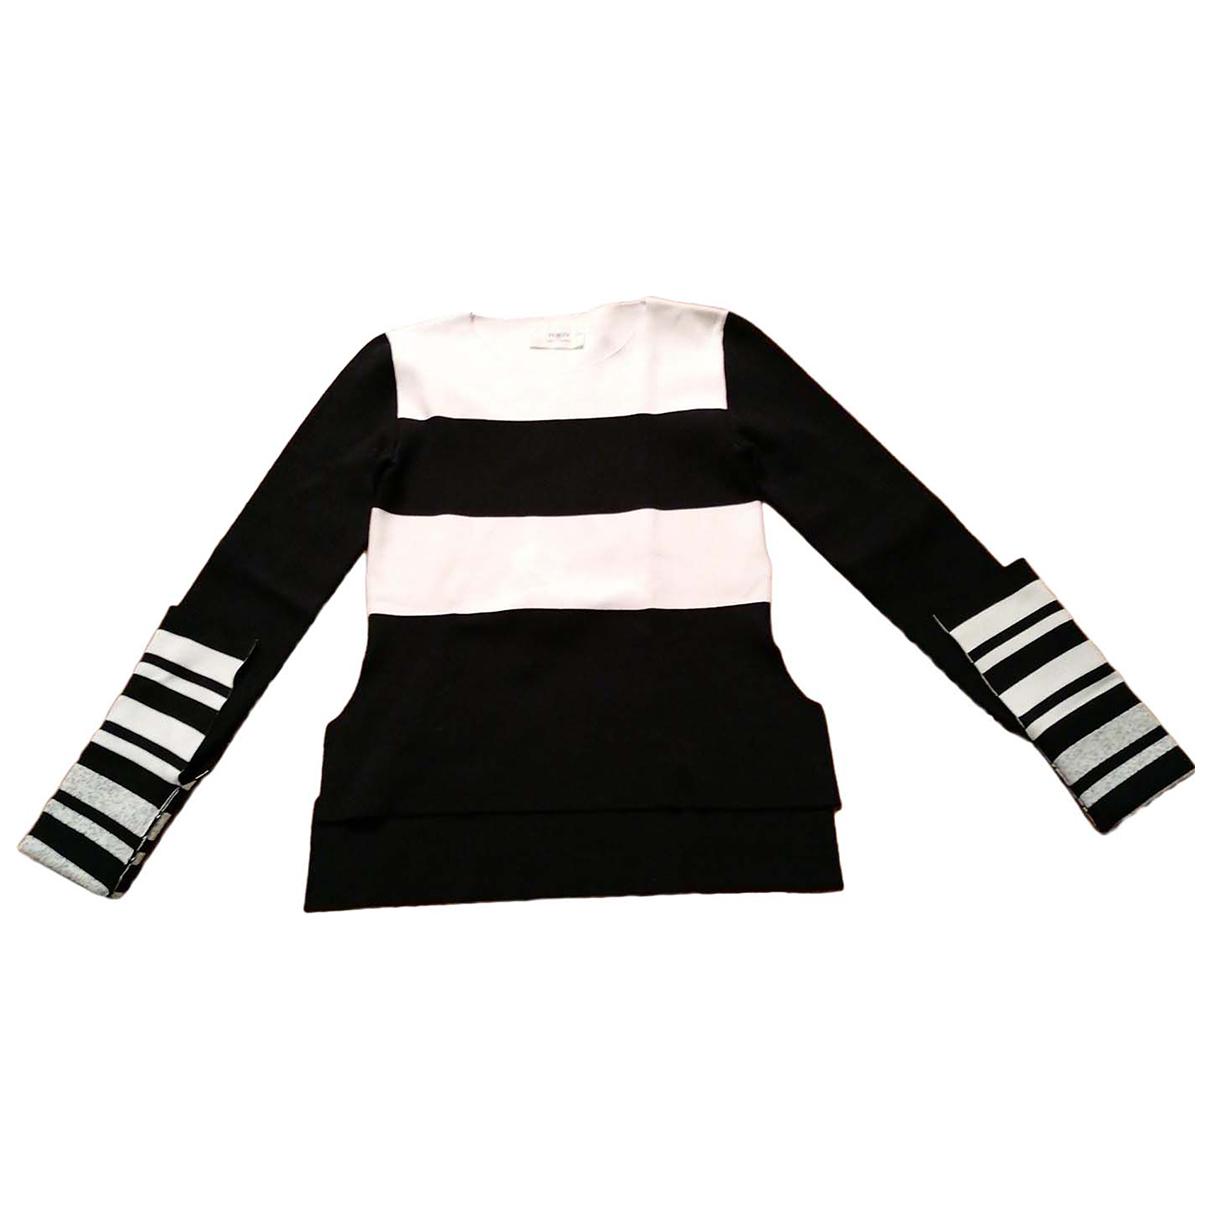 Ports 1961 \N Black Knitwear for Women M International